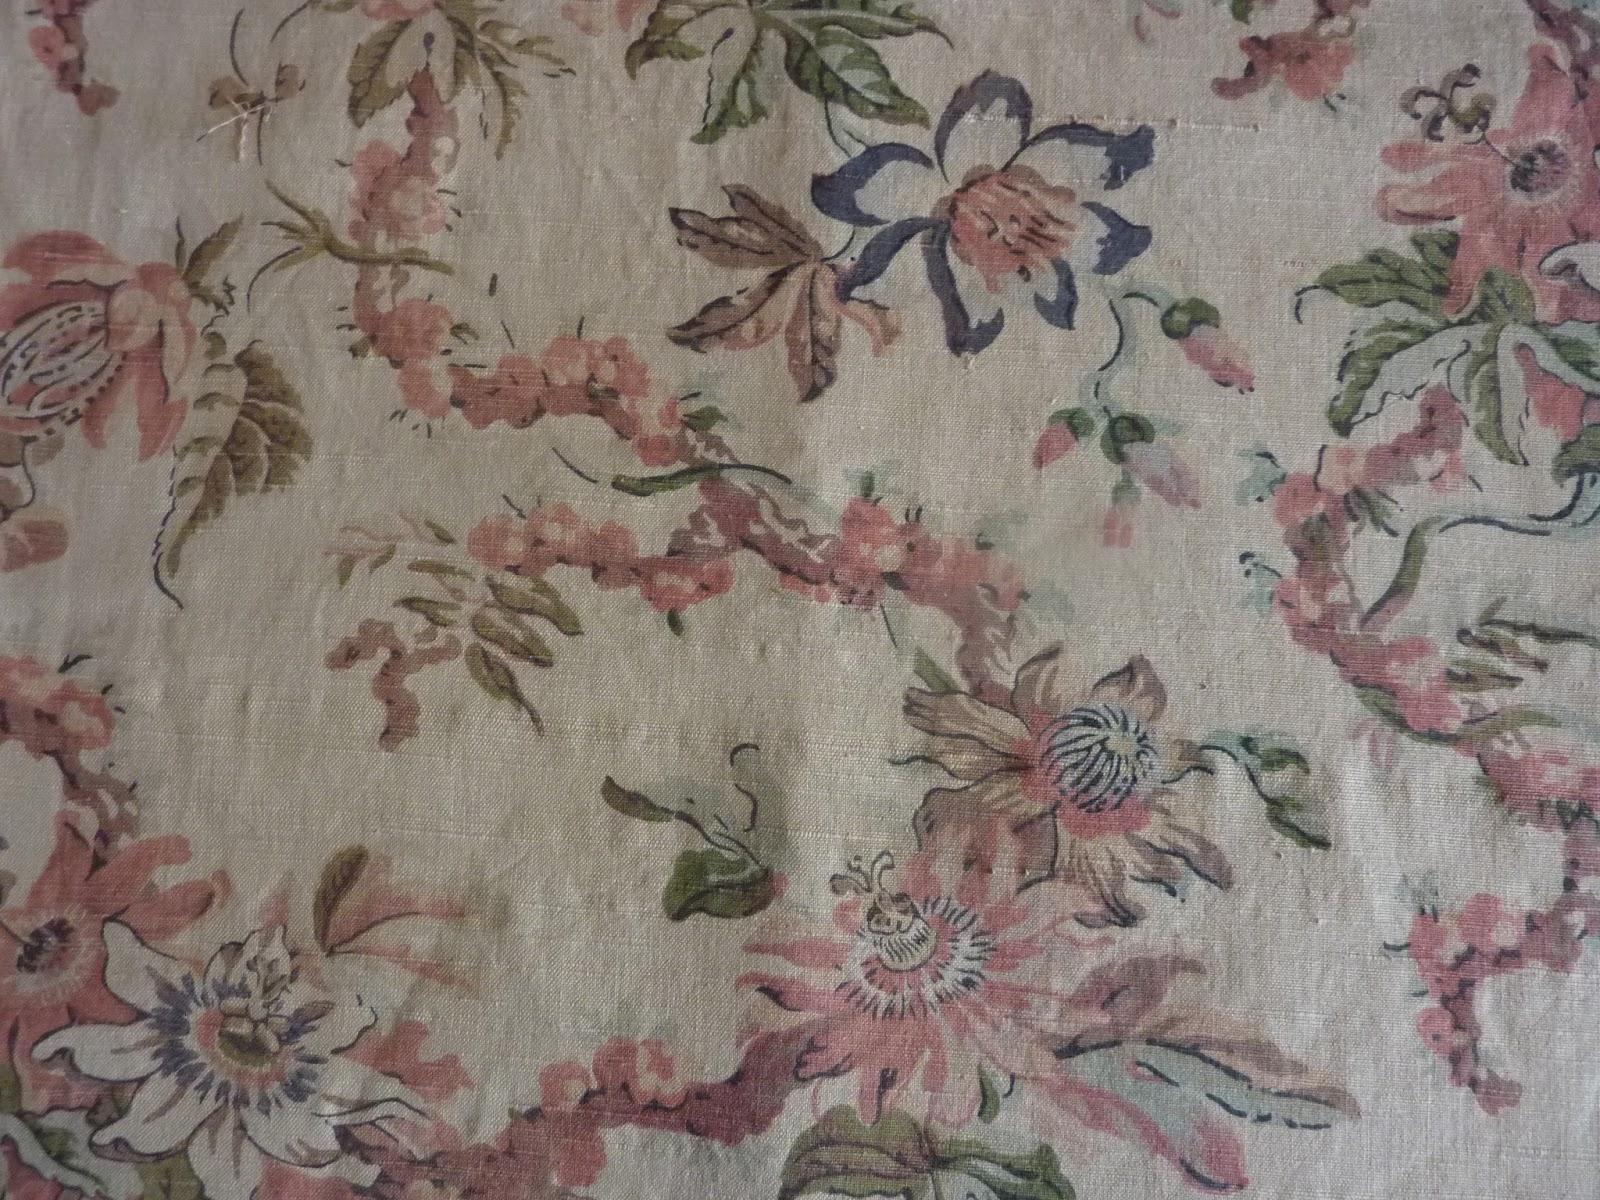 807 magnifique tissu ameublement ancien 19e fleuri clematites fond ecru 120 x 290 les ateliers. Black Bedroom Furniture Sets. Home Design Ideas